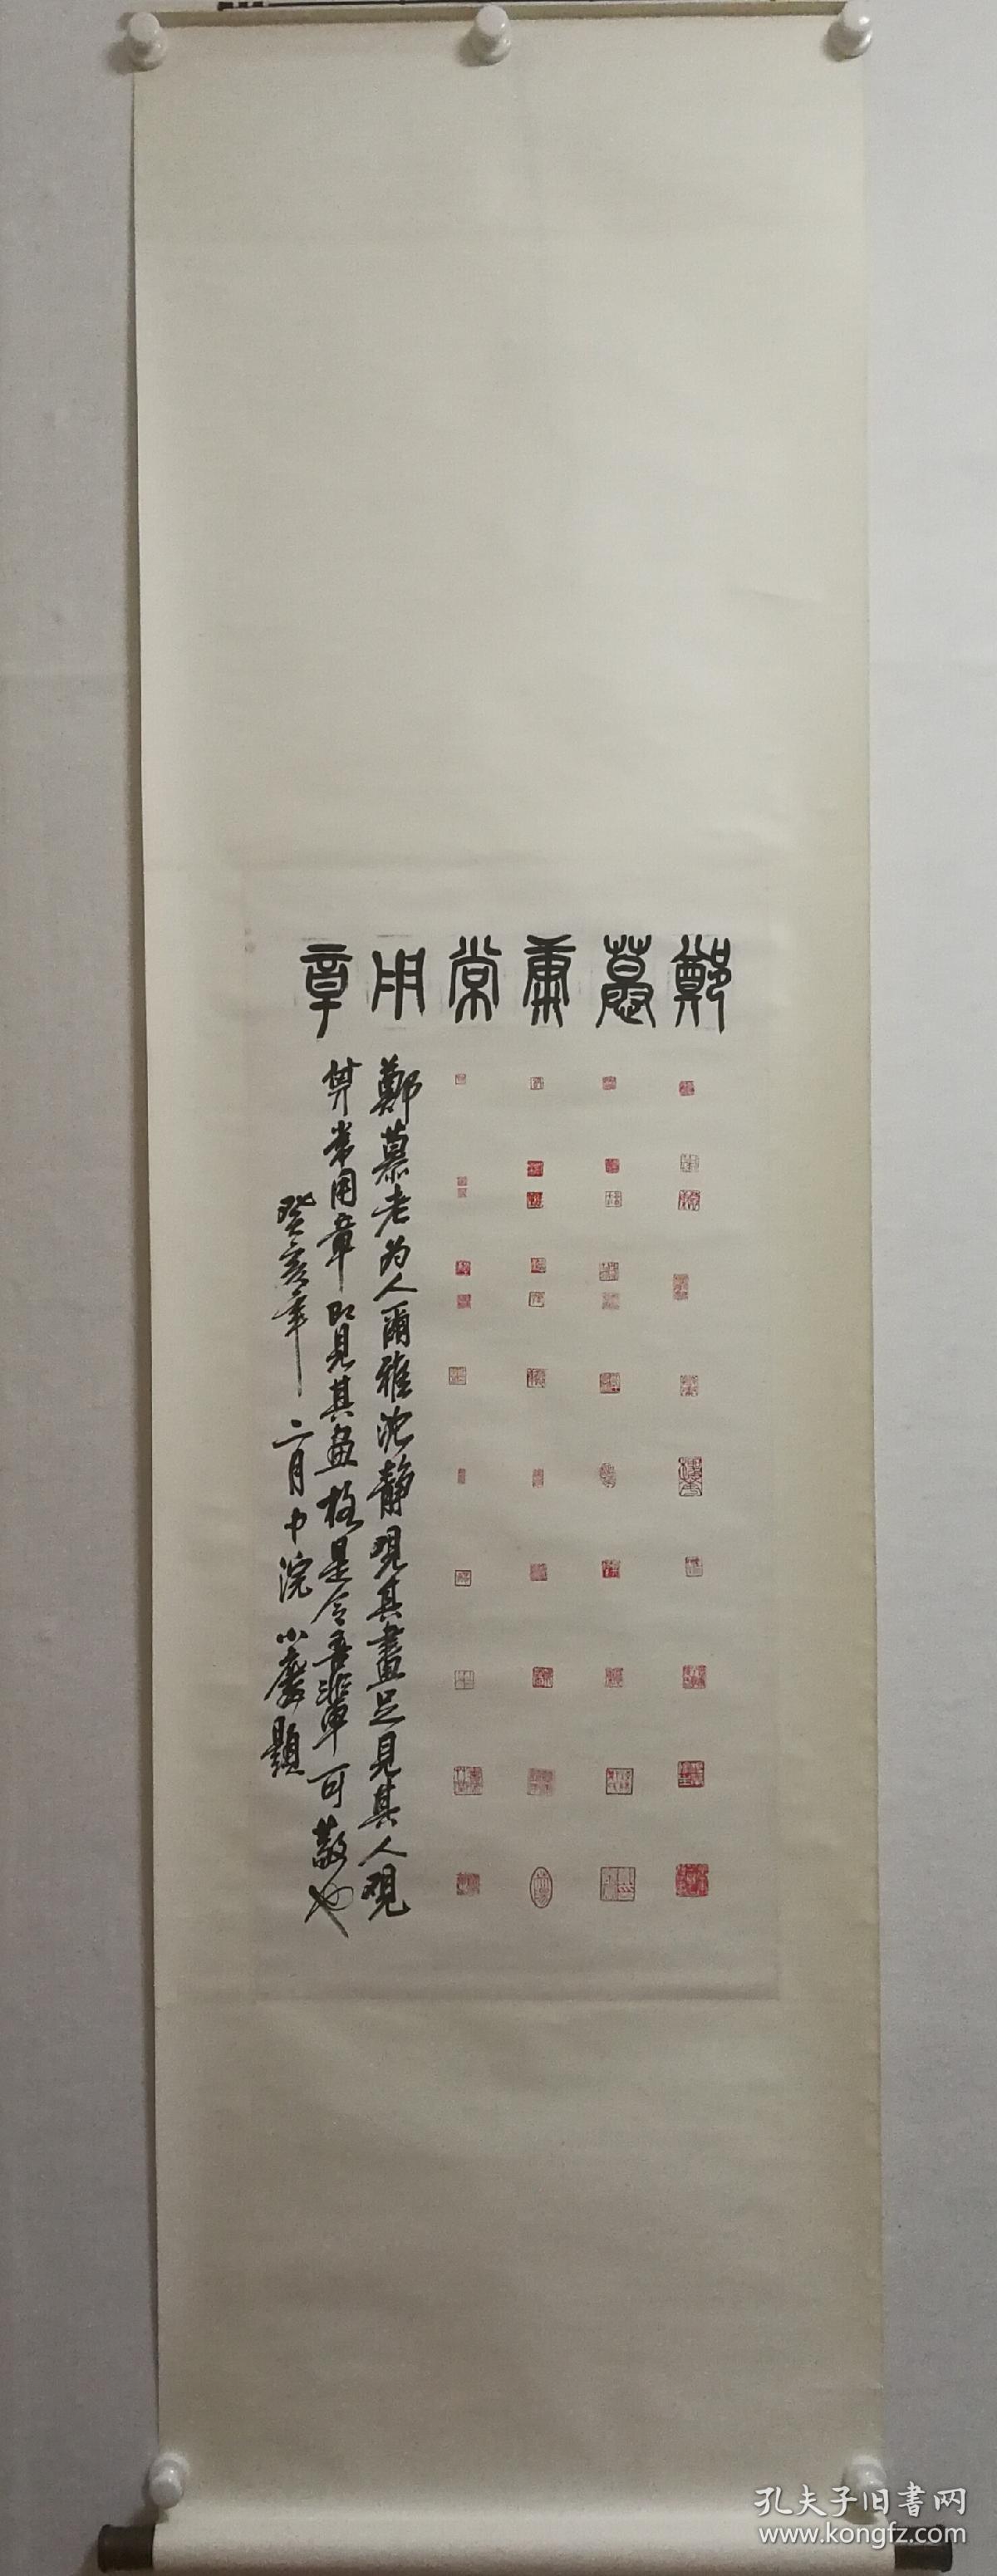 郑慕康常用印—王小楼题跋—文物店新裱